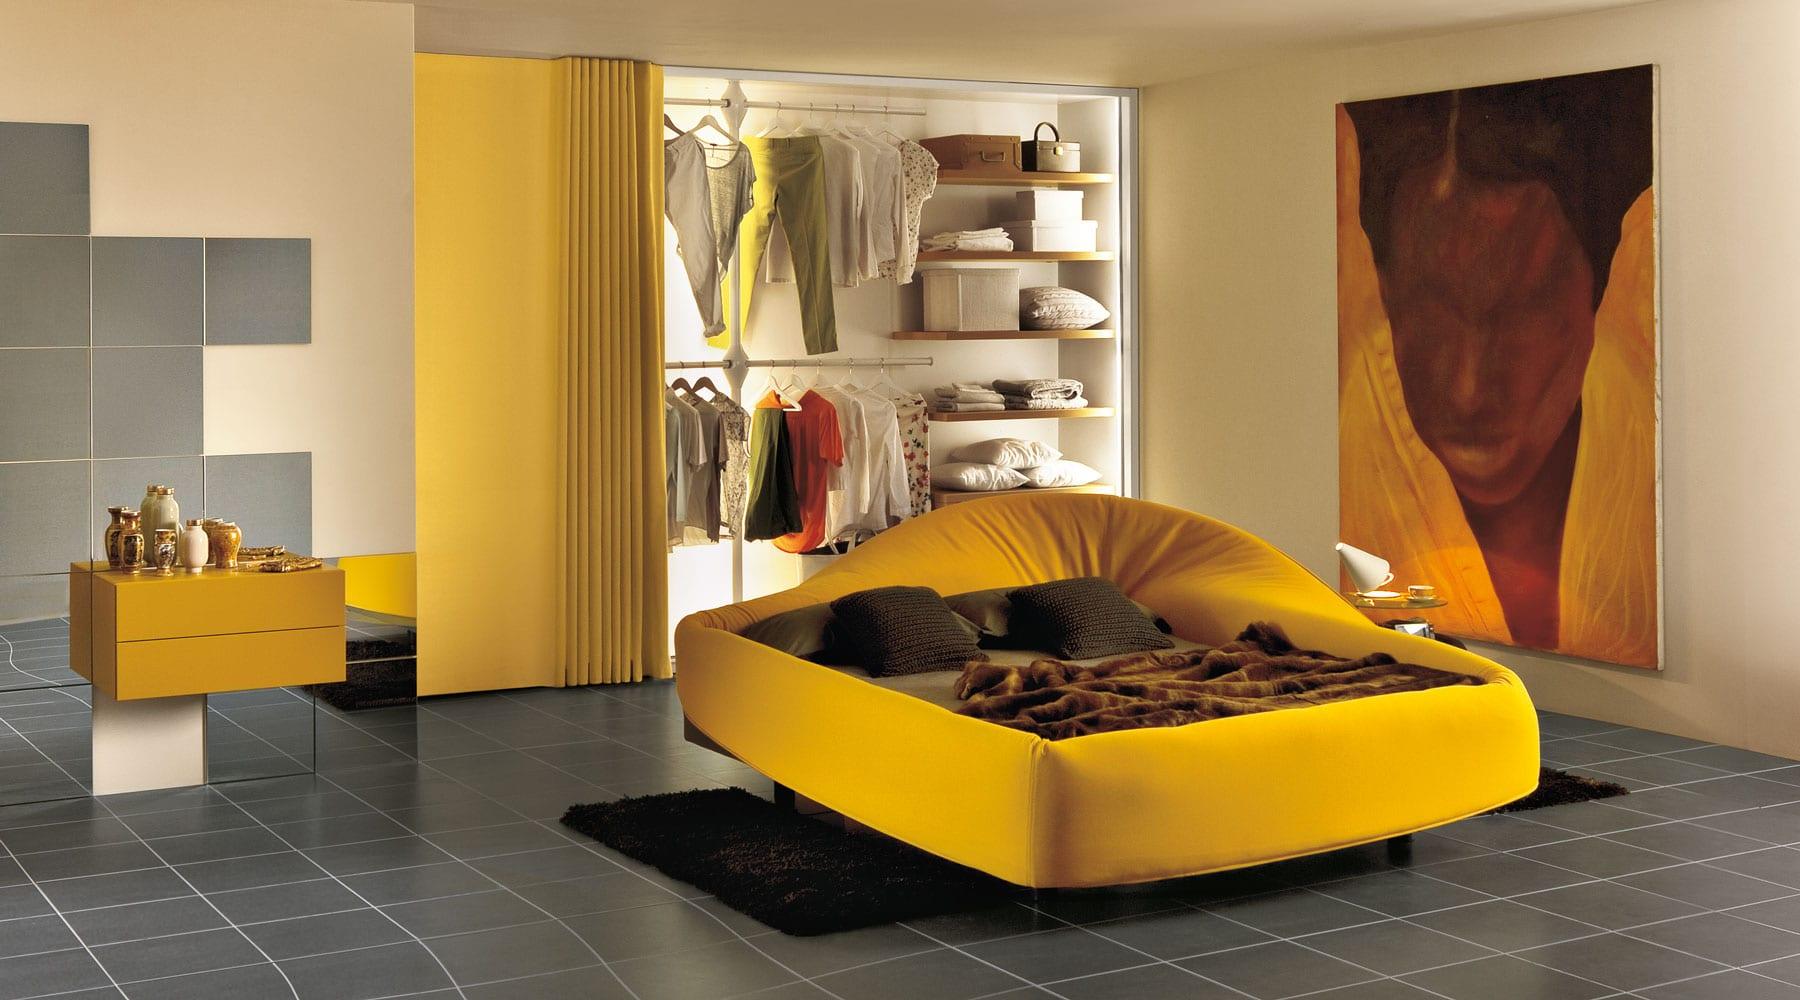 Minimalistisch interieur novello minimalistische möbel kommode